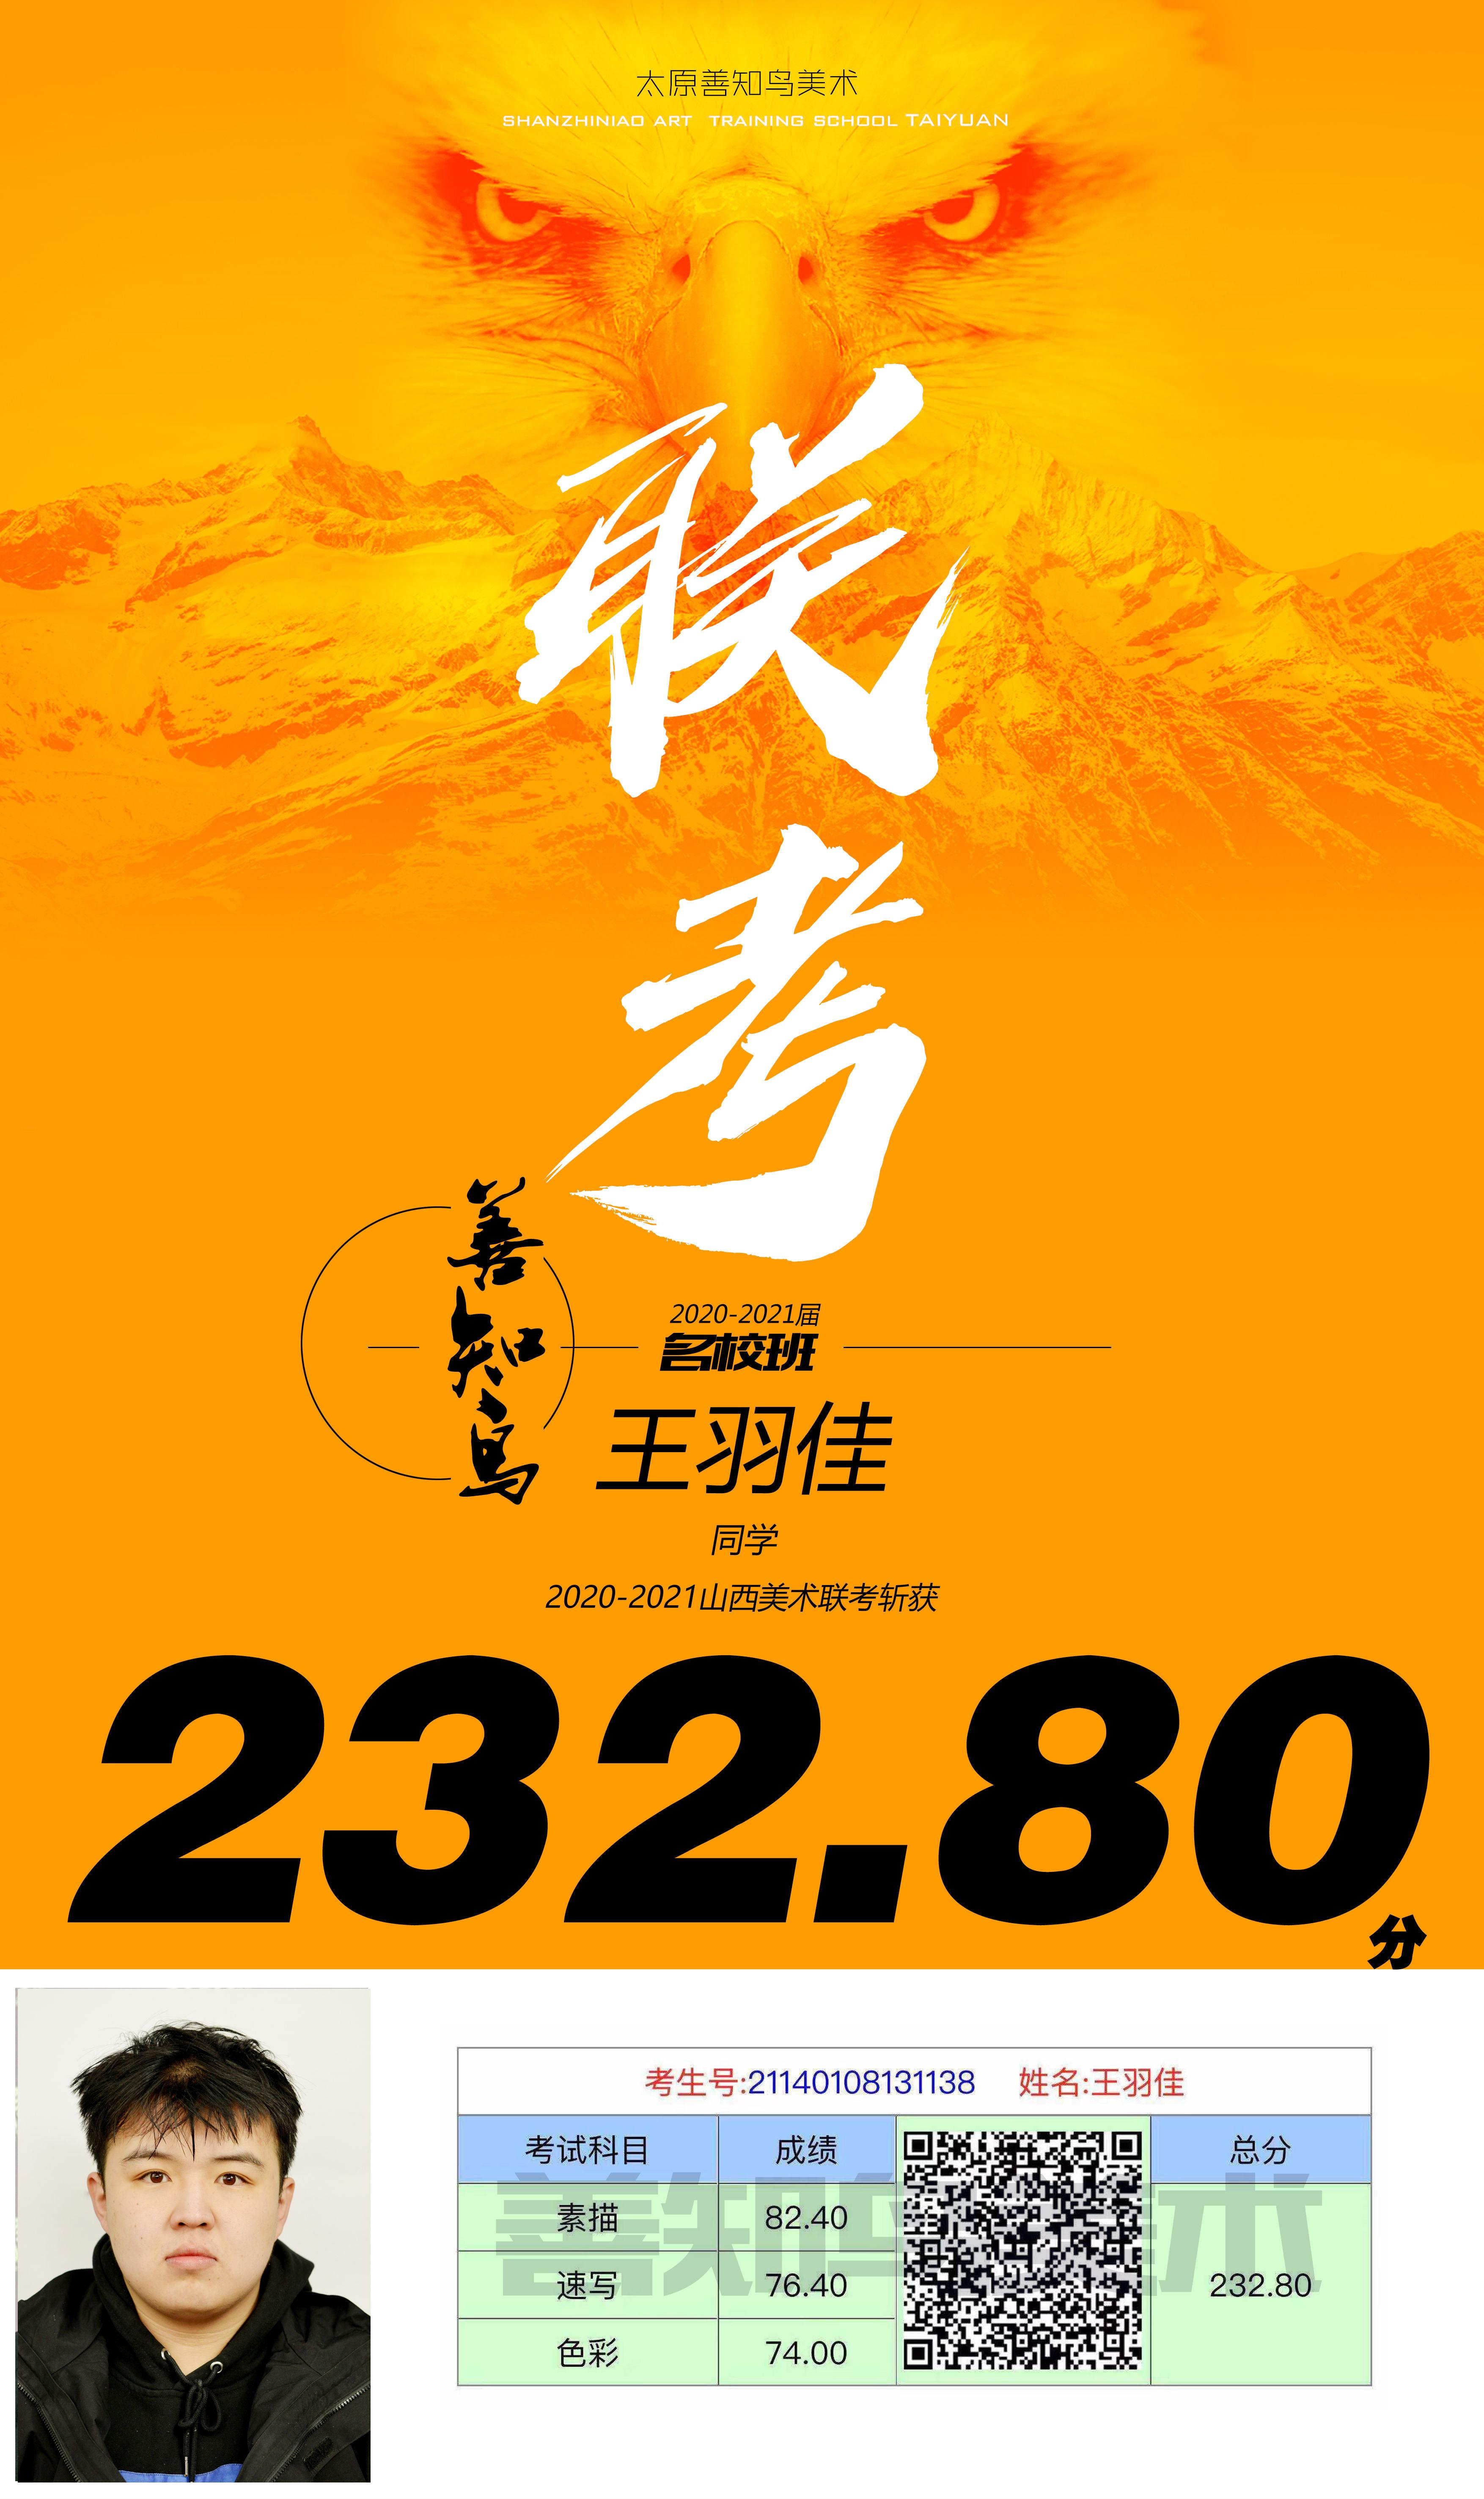 232.80王羽佳.jpg